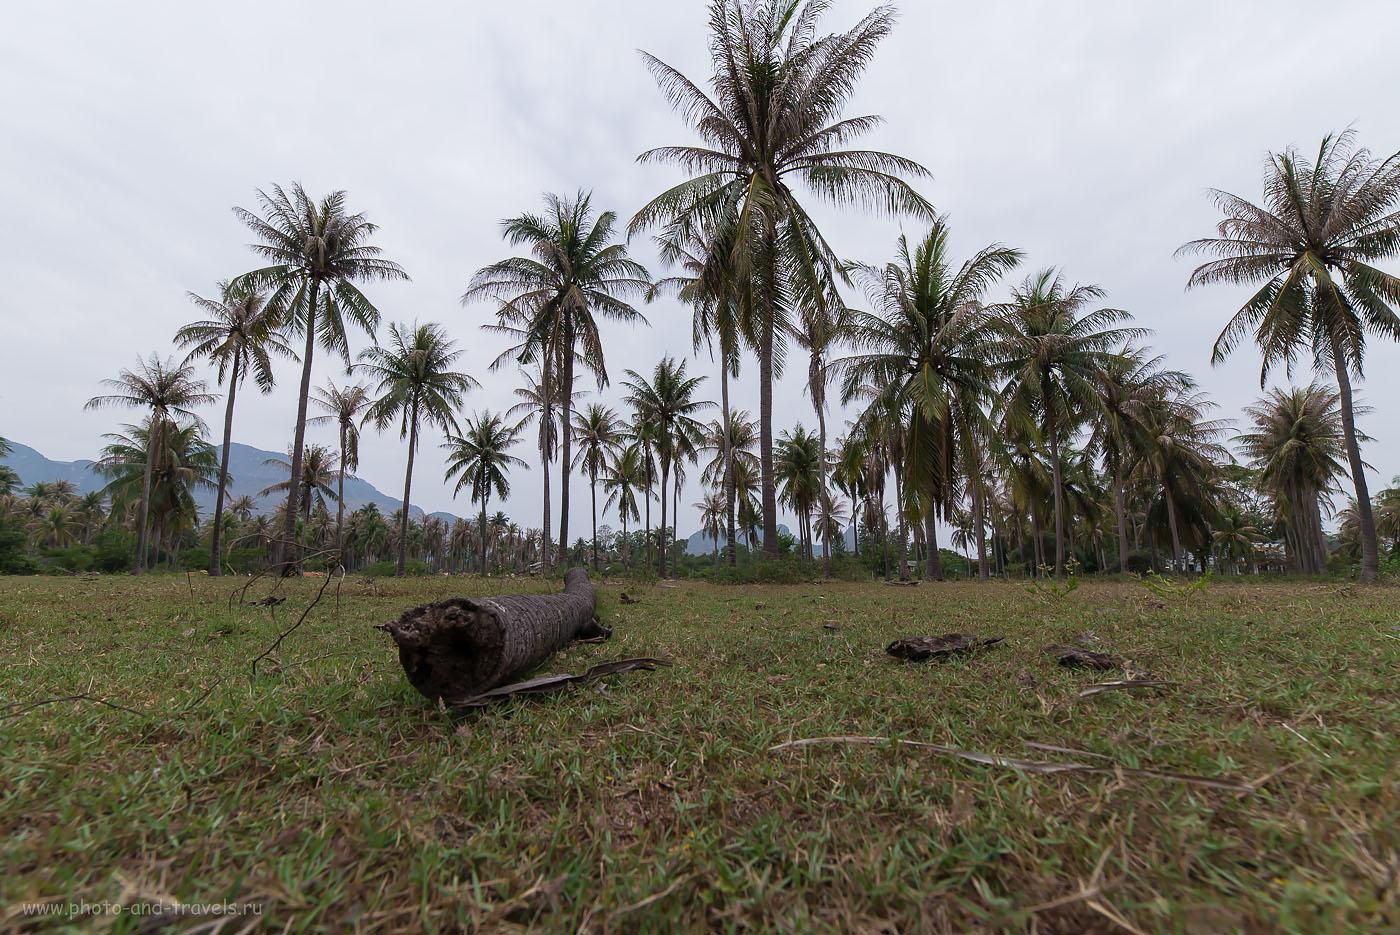 Фотография 6. Пальмовая роща в окрестностях Хуахина. Таиланд дикарями. Камера – Nikon D610, объектив Samyang 14/2.8. Параметры съемки: ISO 400, ФР=14, F/8.0, В=1/60